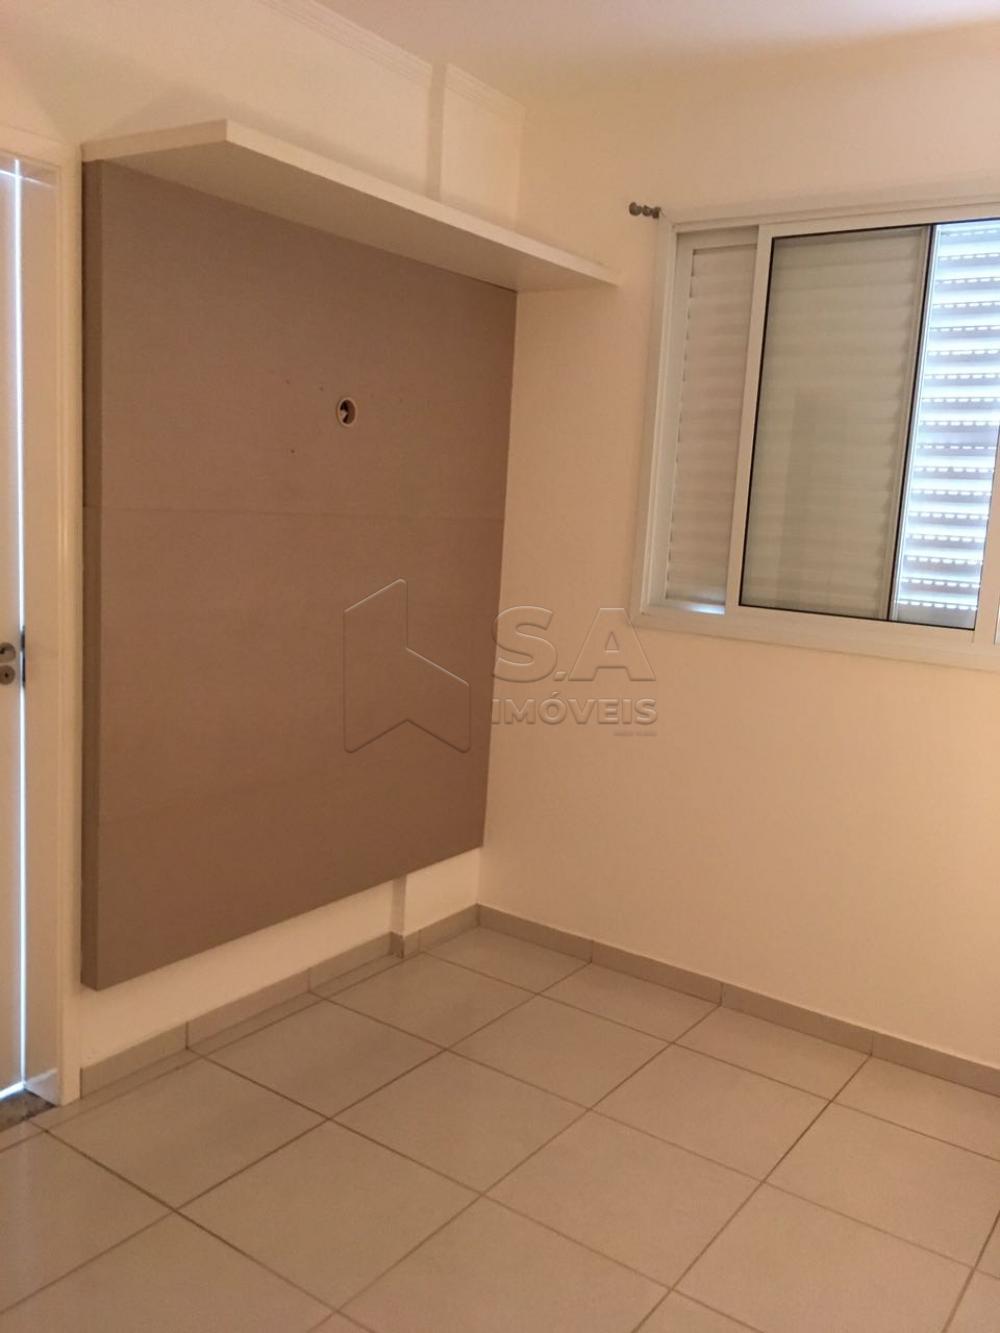 Comprar Apartamento / Padrão em Botucatu apenas R$ 700.000,00 - Foto 13